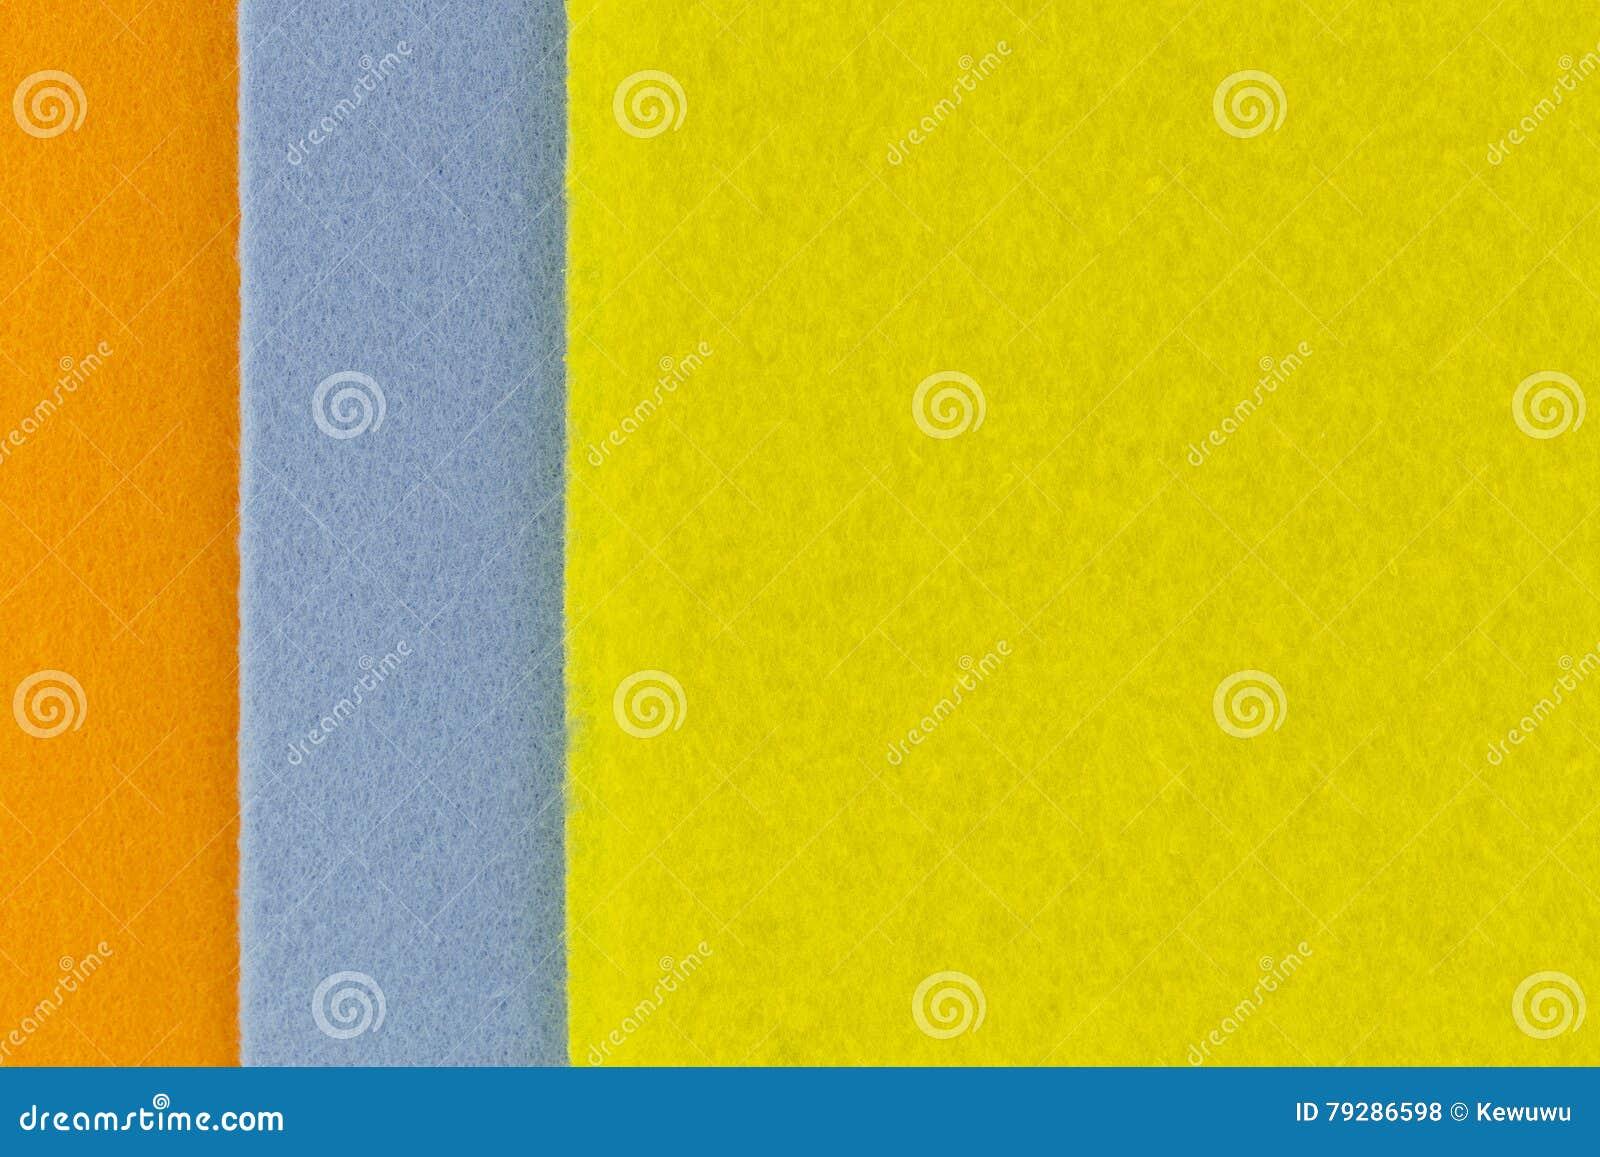 Zbliżenie tekstury fotografia super absorbent tkaniny w pomarańczowym błękicie